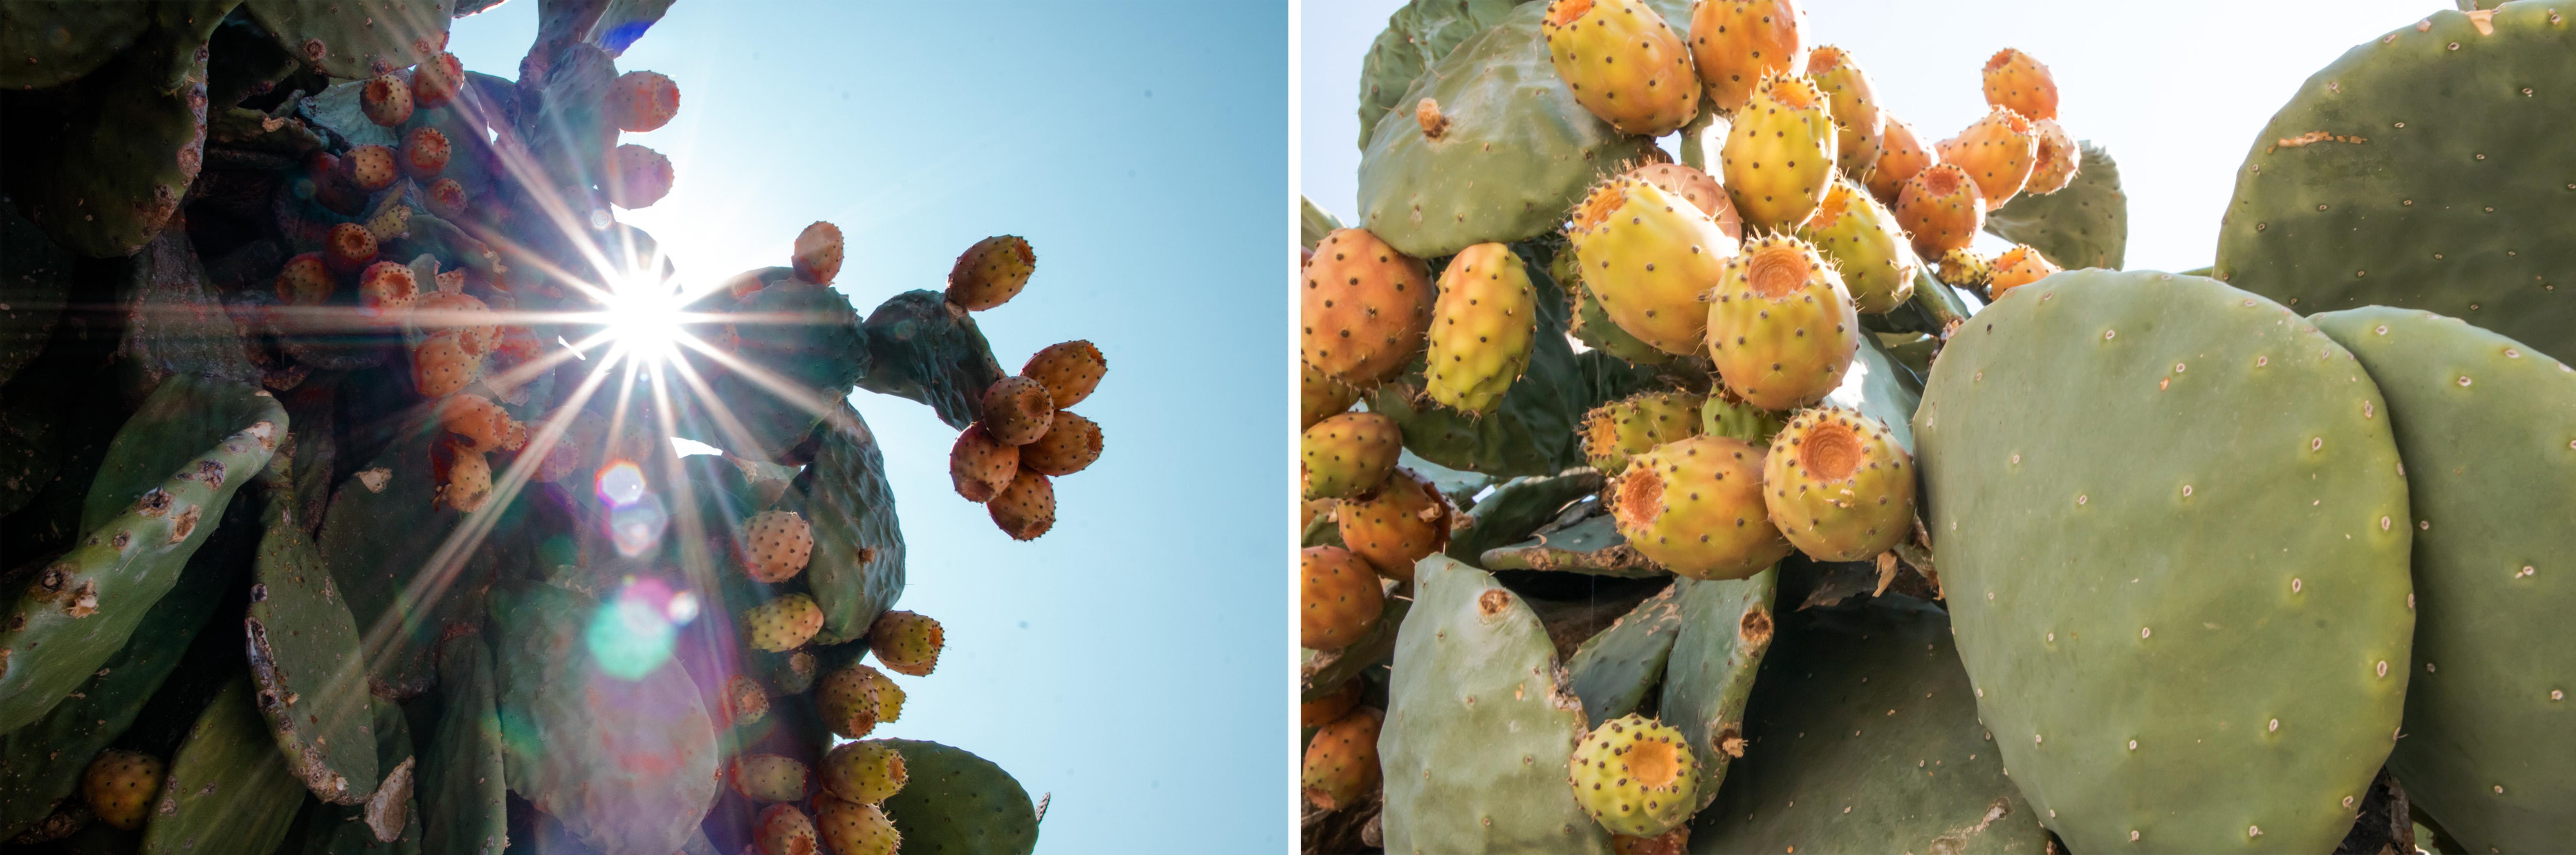 Kakteen gibt es überall auf der Insel Fourni - wundervoll, wenn die Sonne durchstrahlt